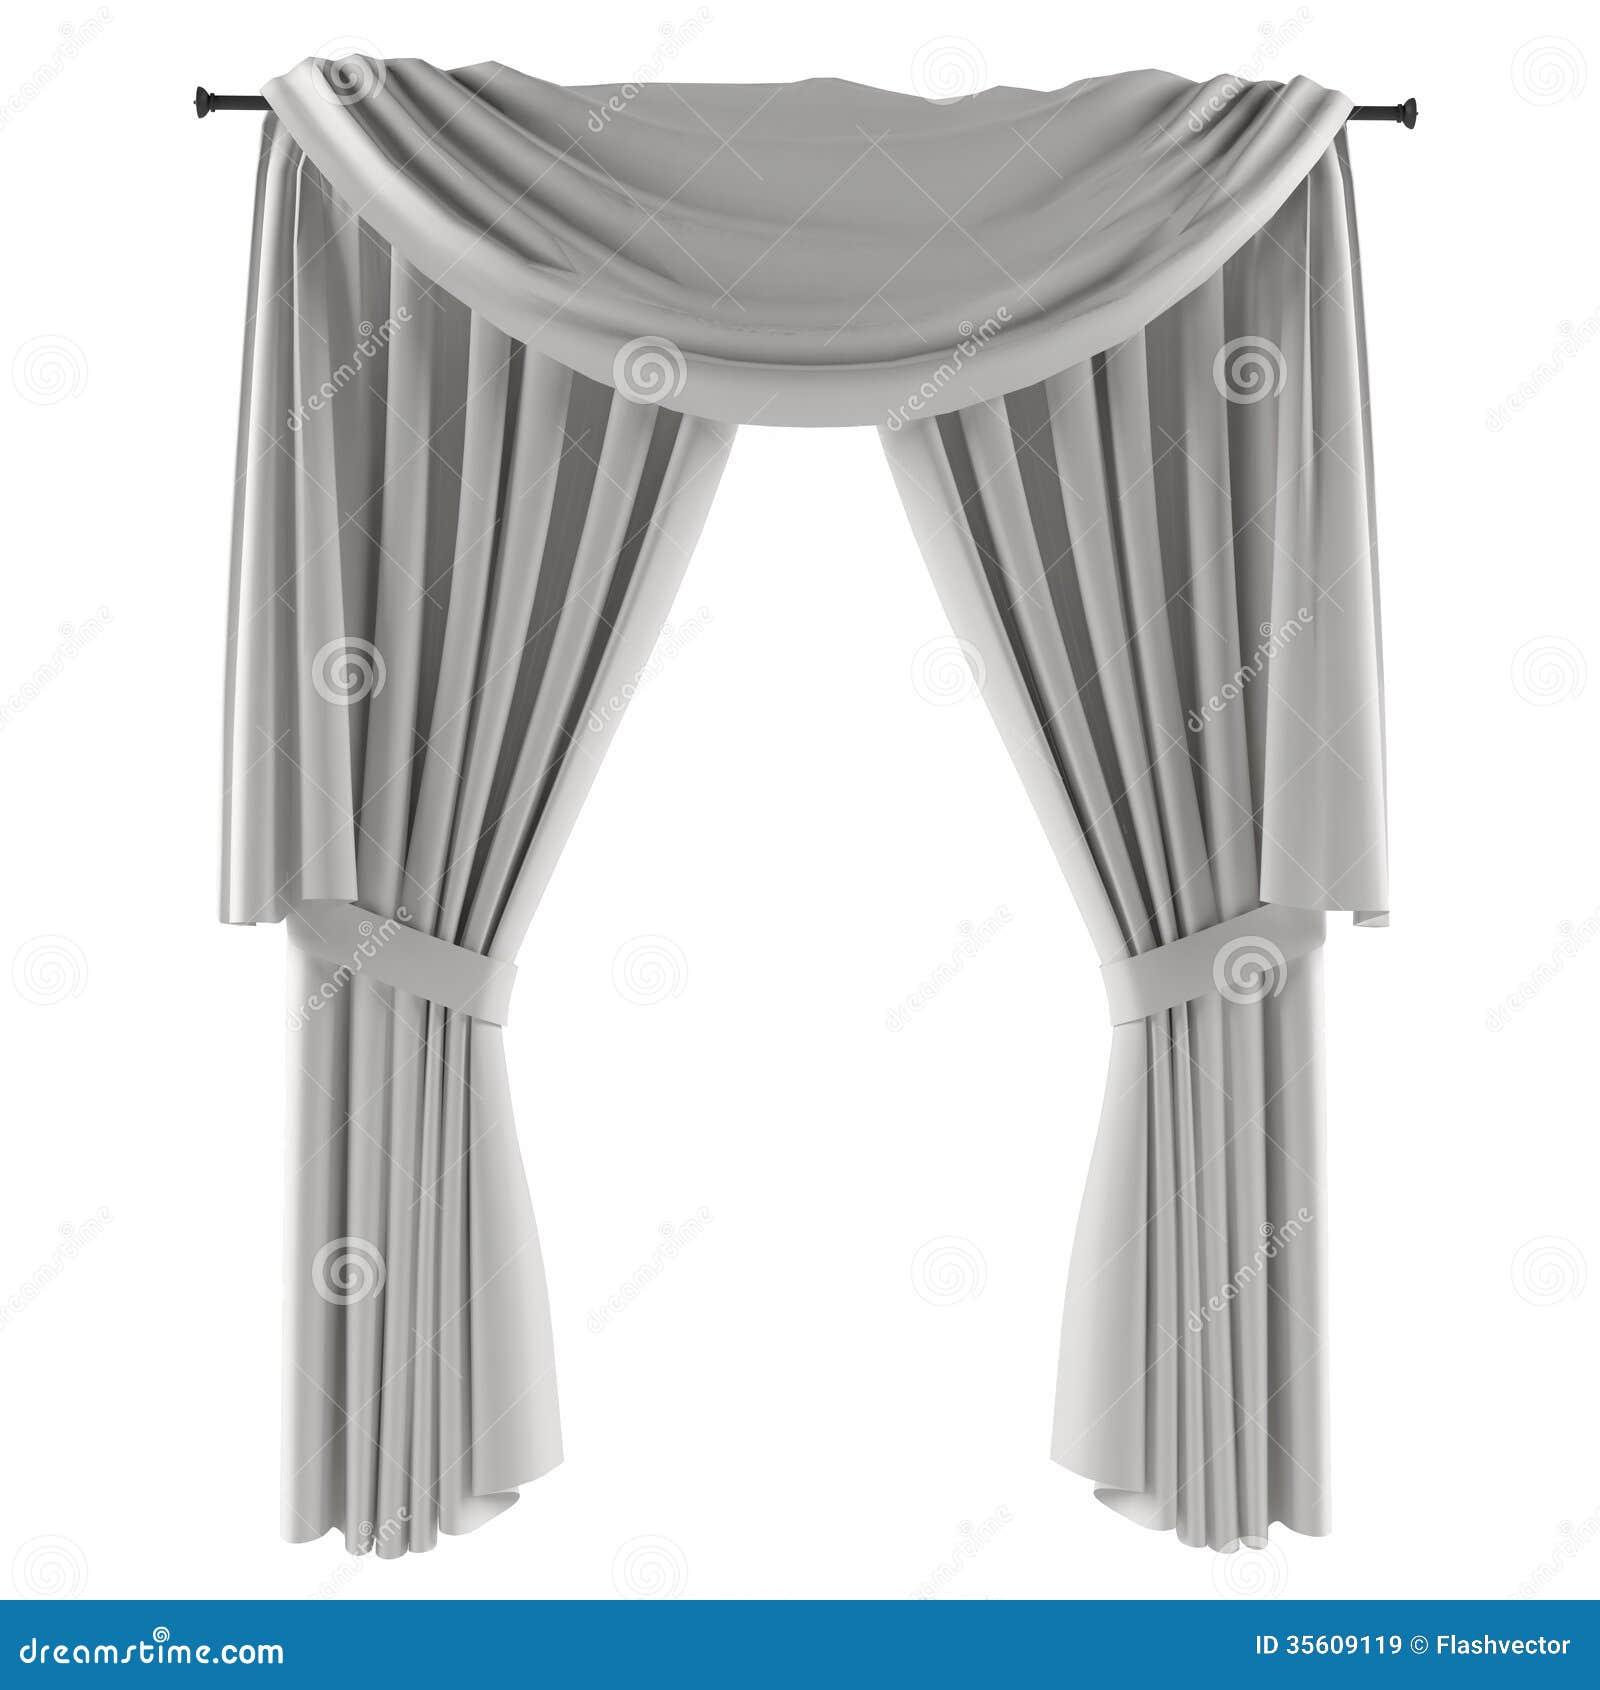 rideau gris blanc images libres de droits image 35609119. Black Bedroom Furniture Sets. Home Design Ideas